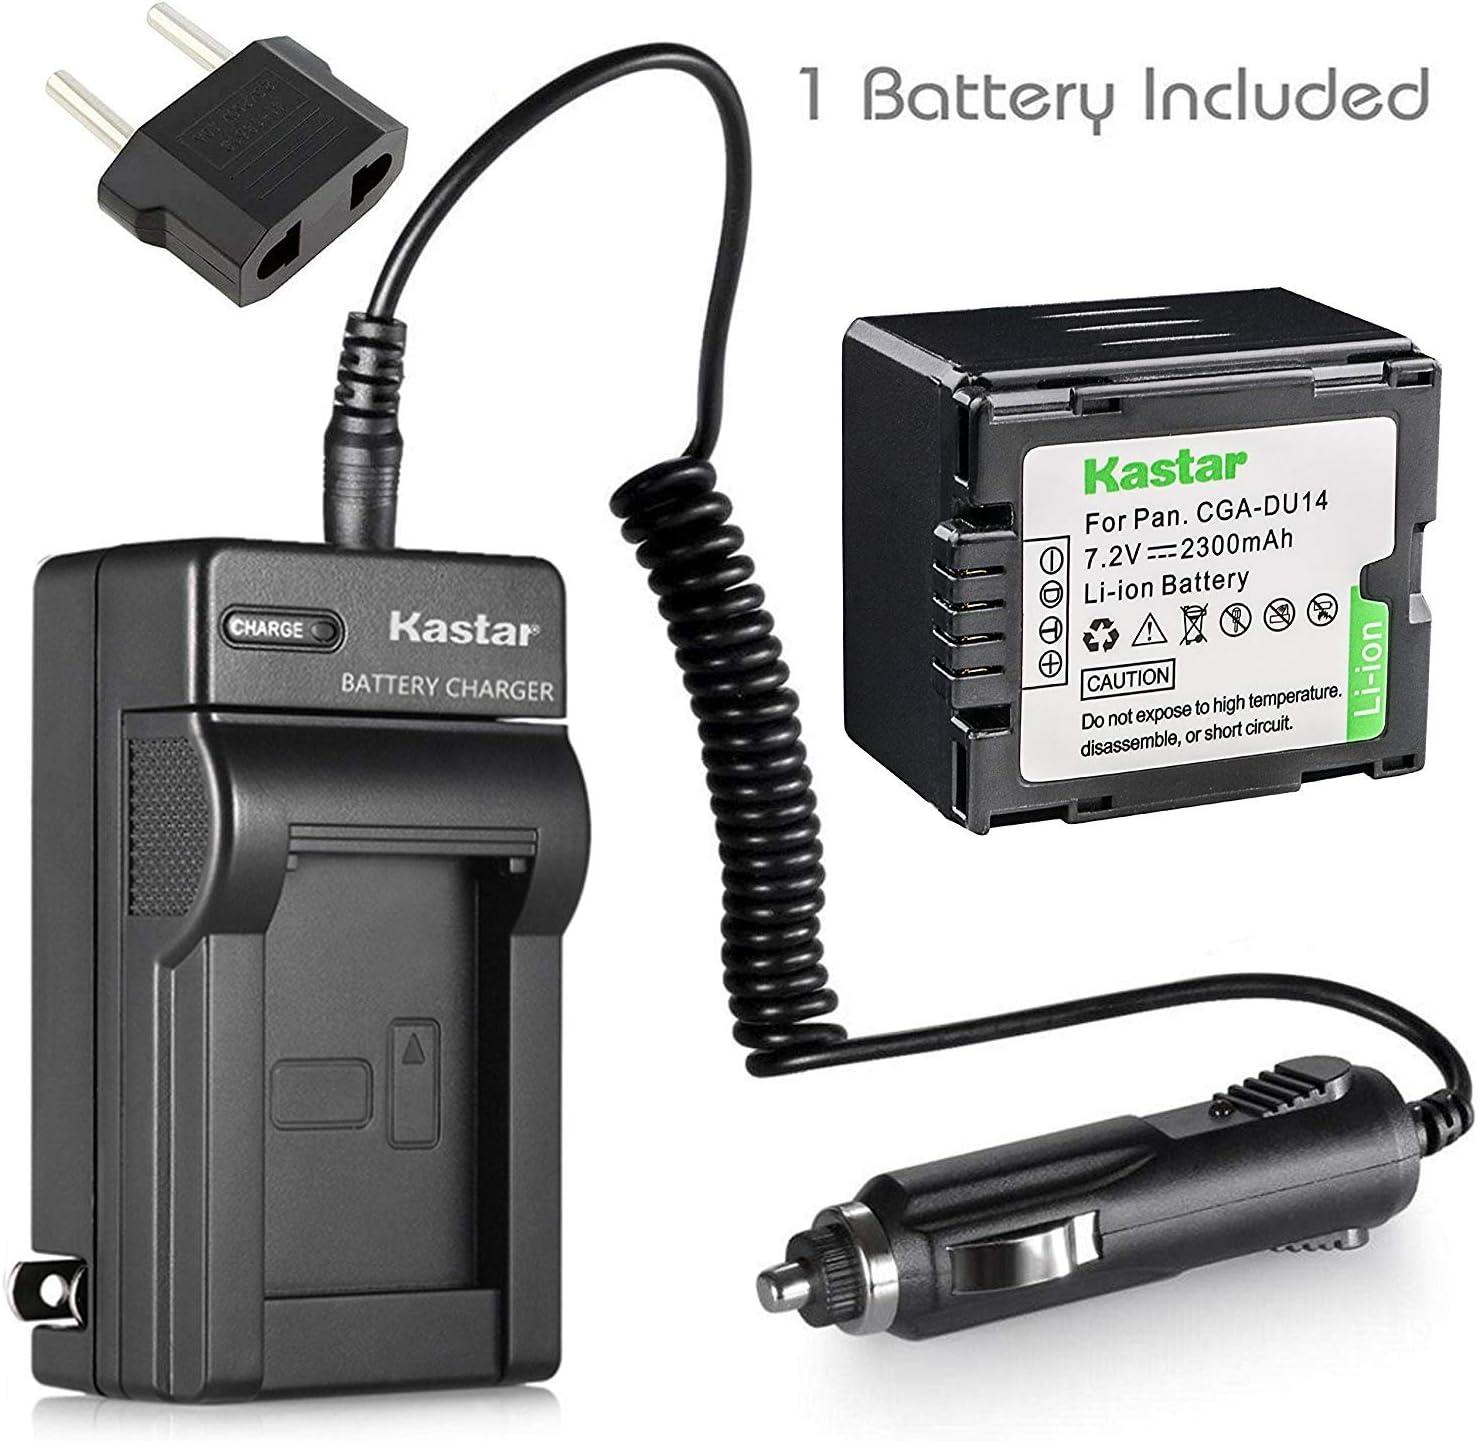 USB Cargador De Batería Para Panasonic PV-GS250 PV-GS300 PV-GS320 PV-GS400 PV-GS500